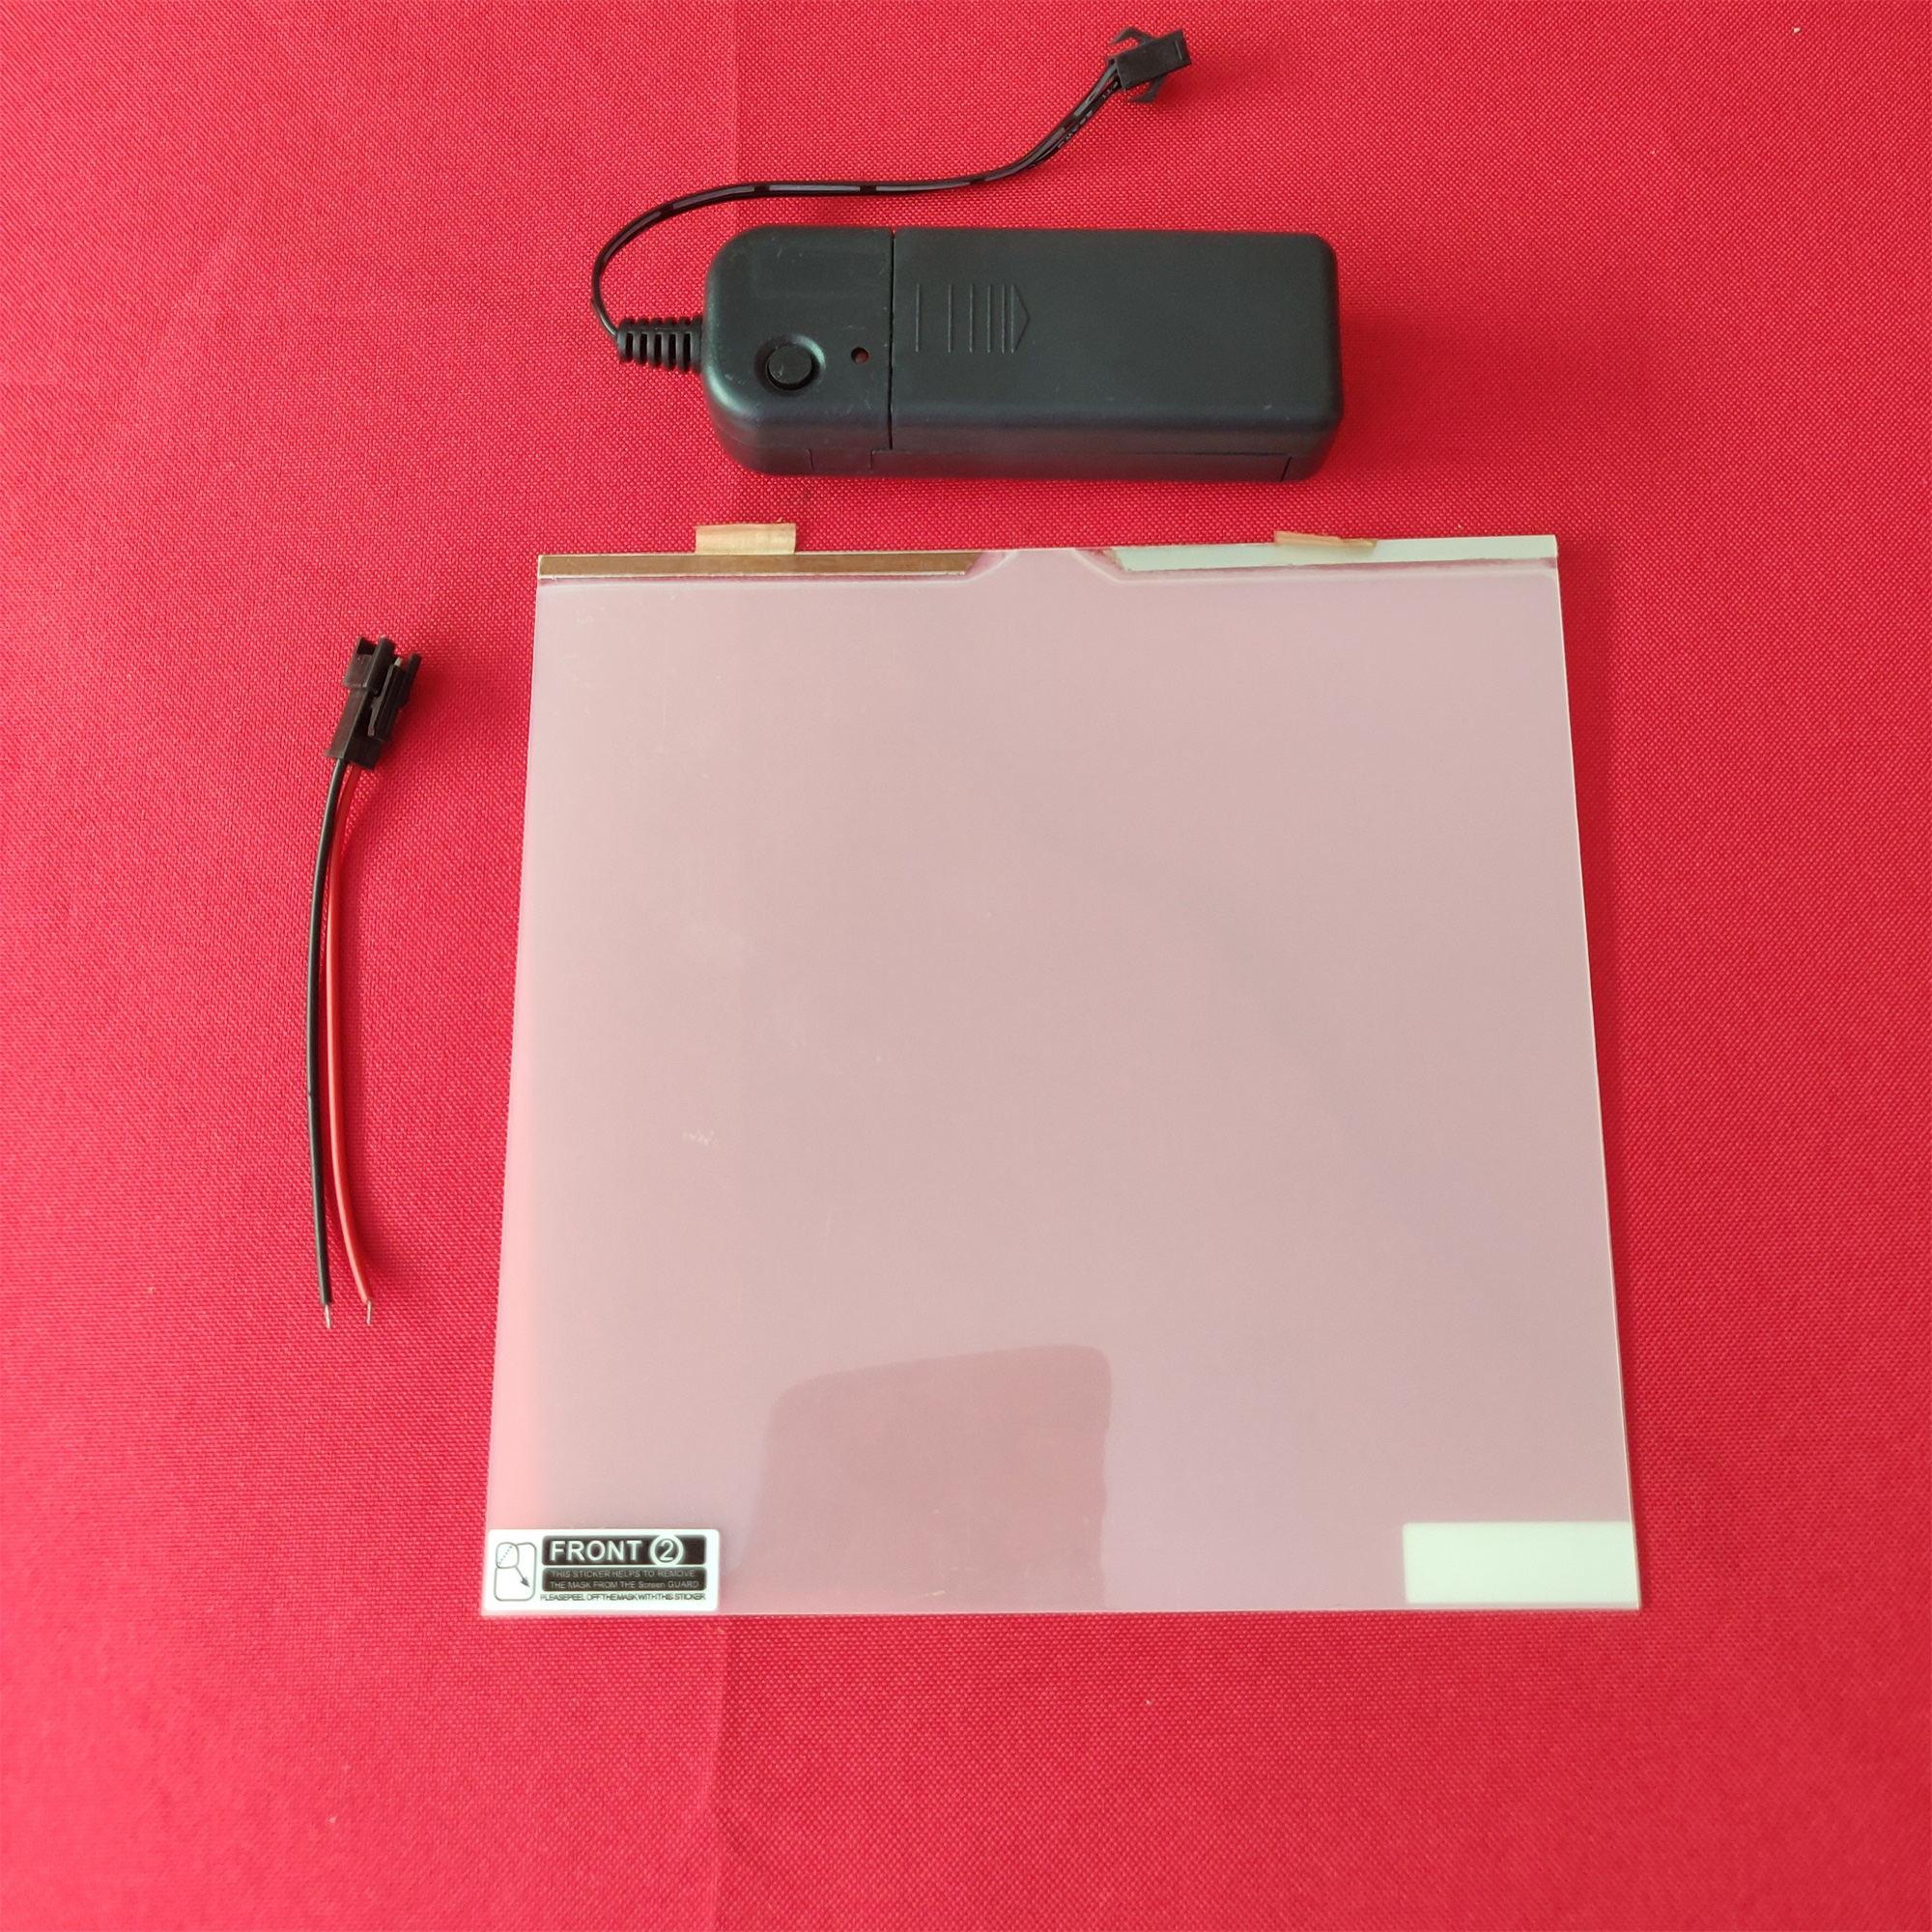 Пленка электрическая PDLC самоклеящаяся для окон и дверей, тинт для окон и дверей, 5,9 Х5, 9/15 х15 см, образец|Проекционные экраны| | АлиЭкспресс